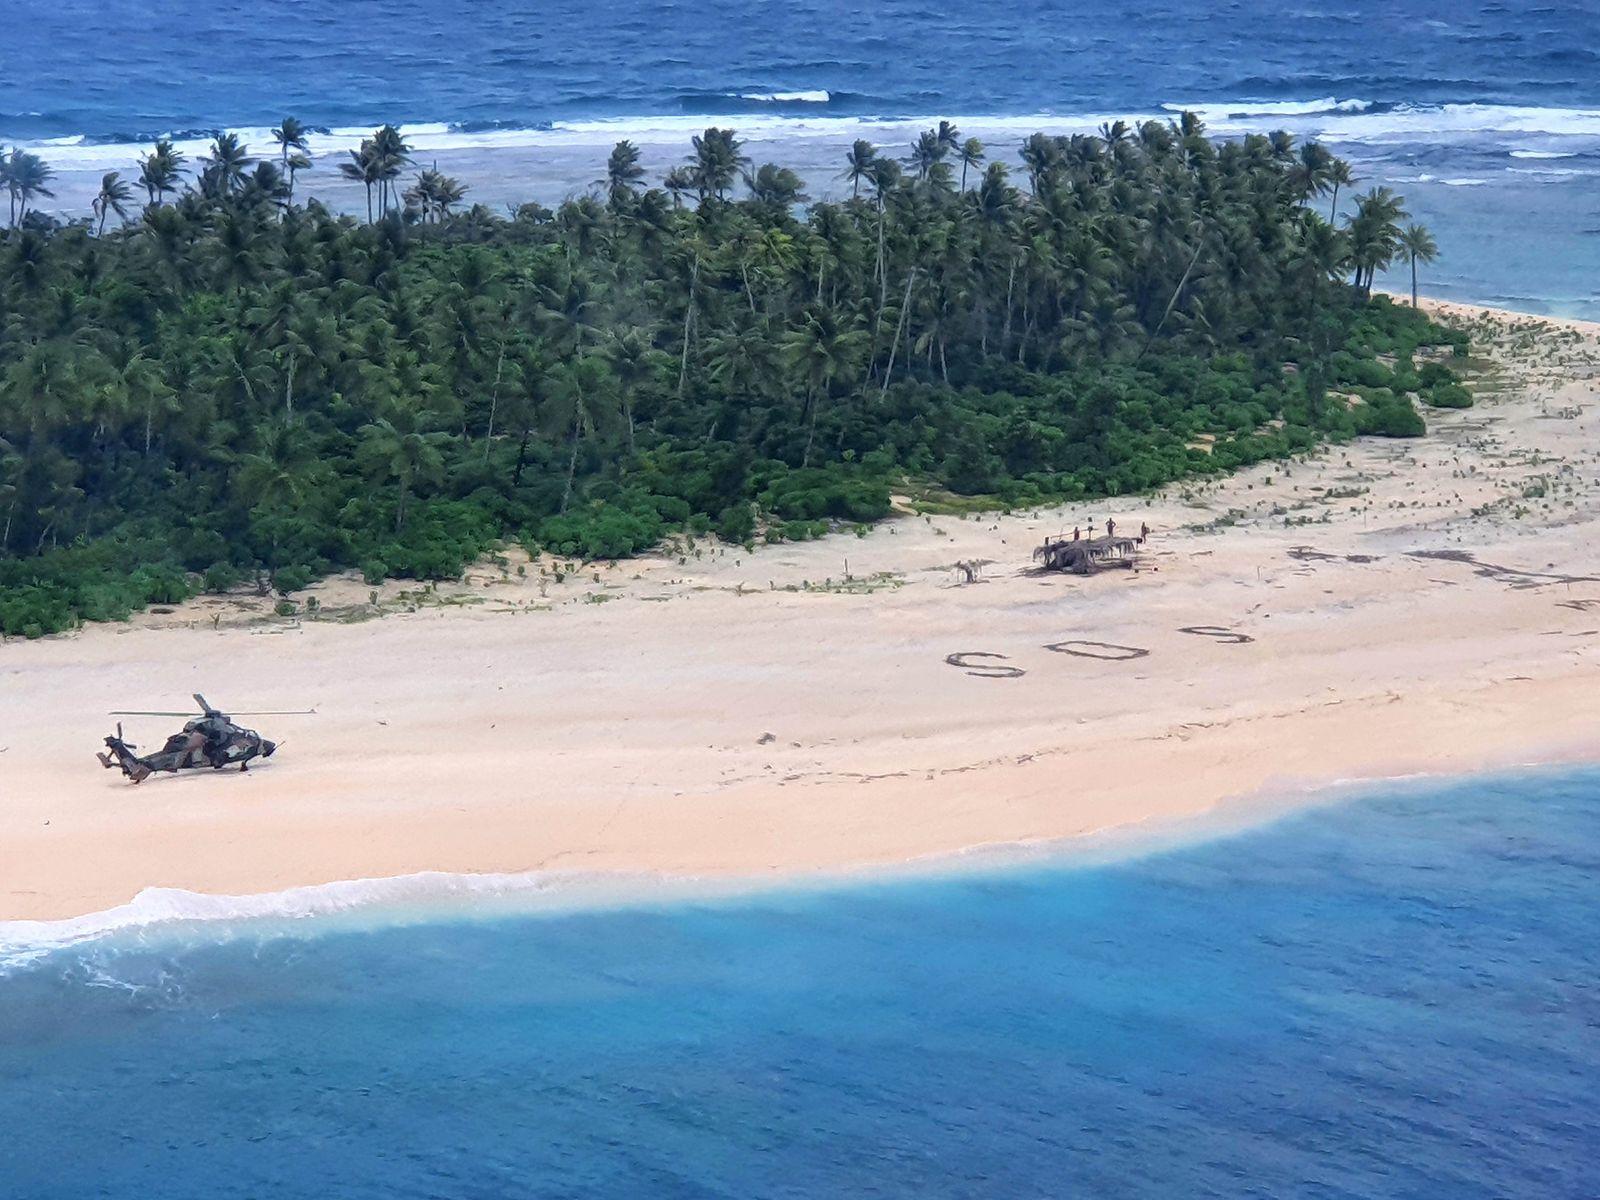 SOS im Sand - Vermisste Segler auf Insel in Mikronesien entdeckt